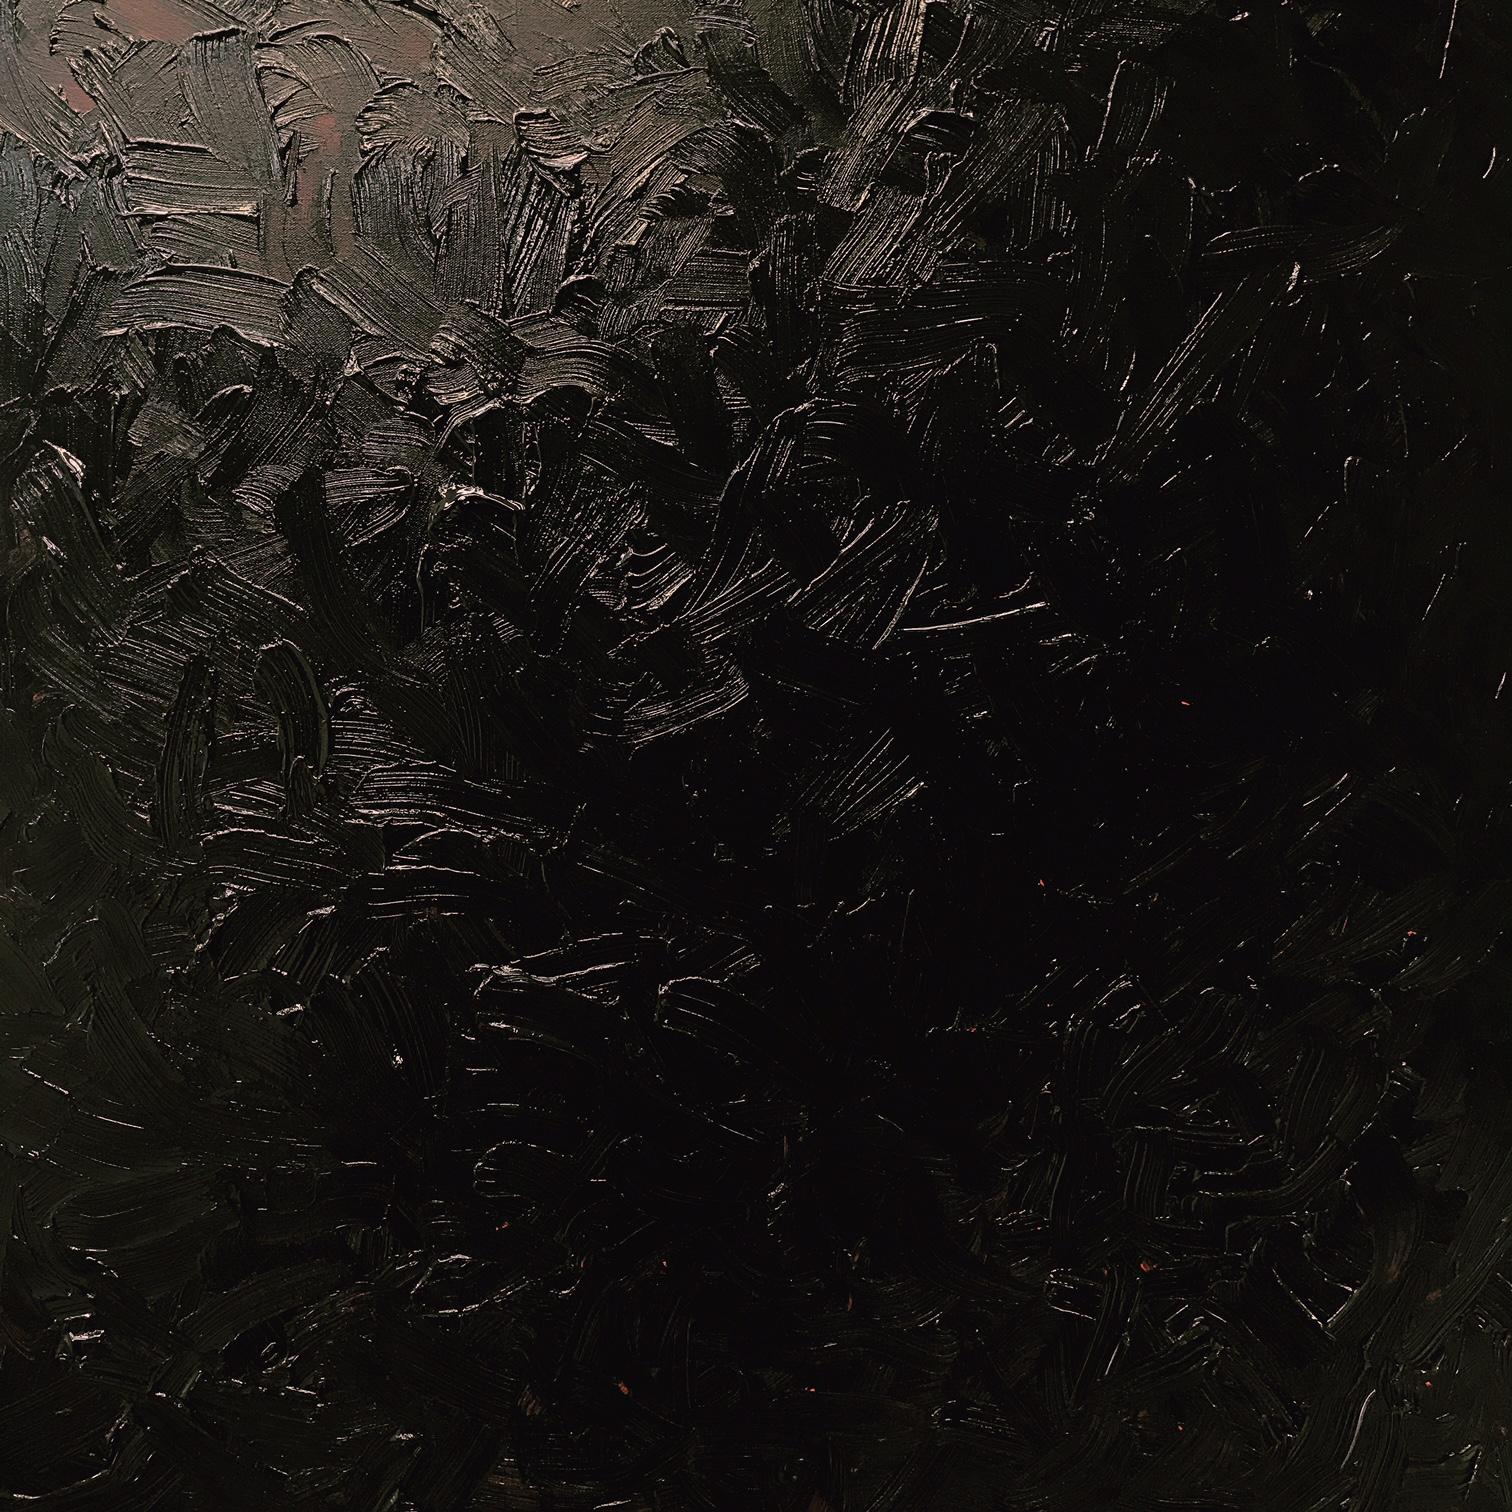 En Noir